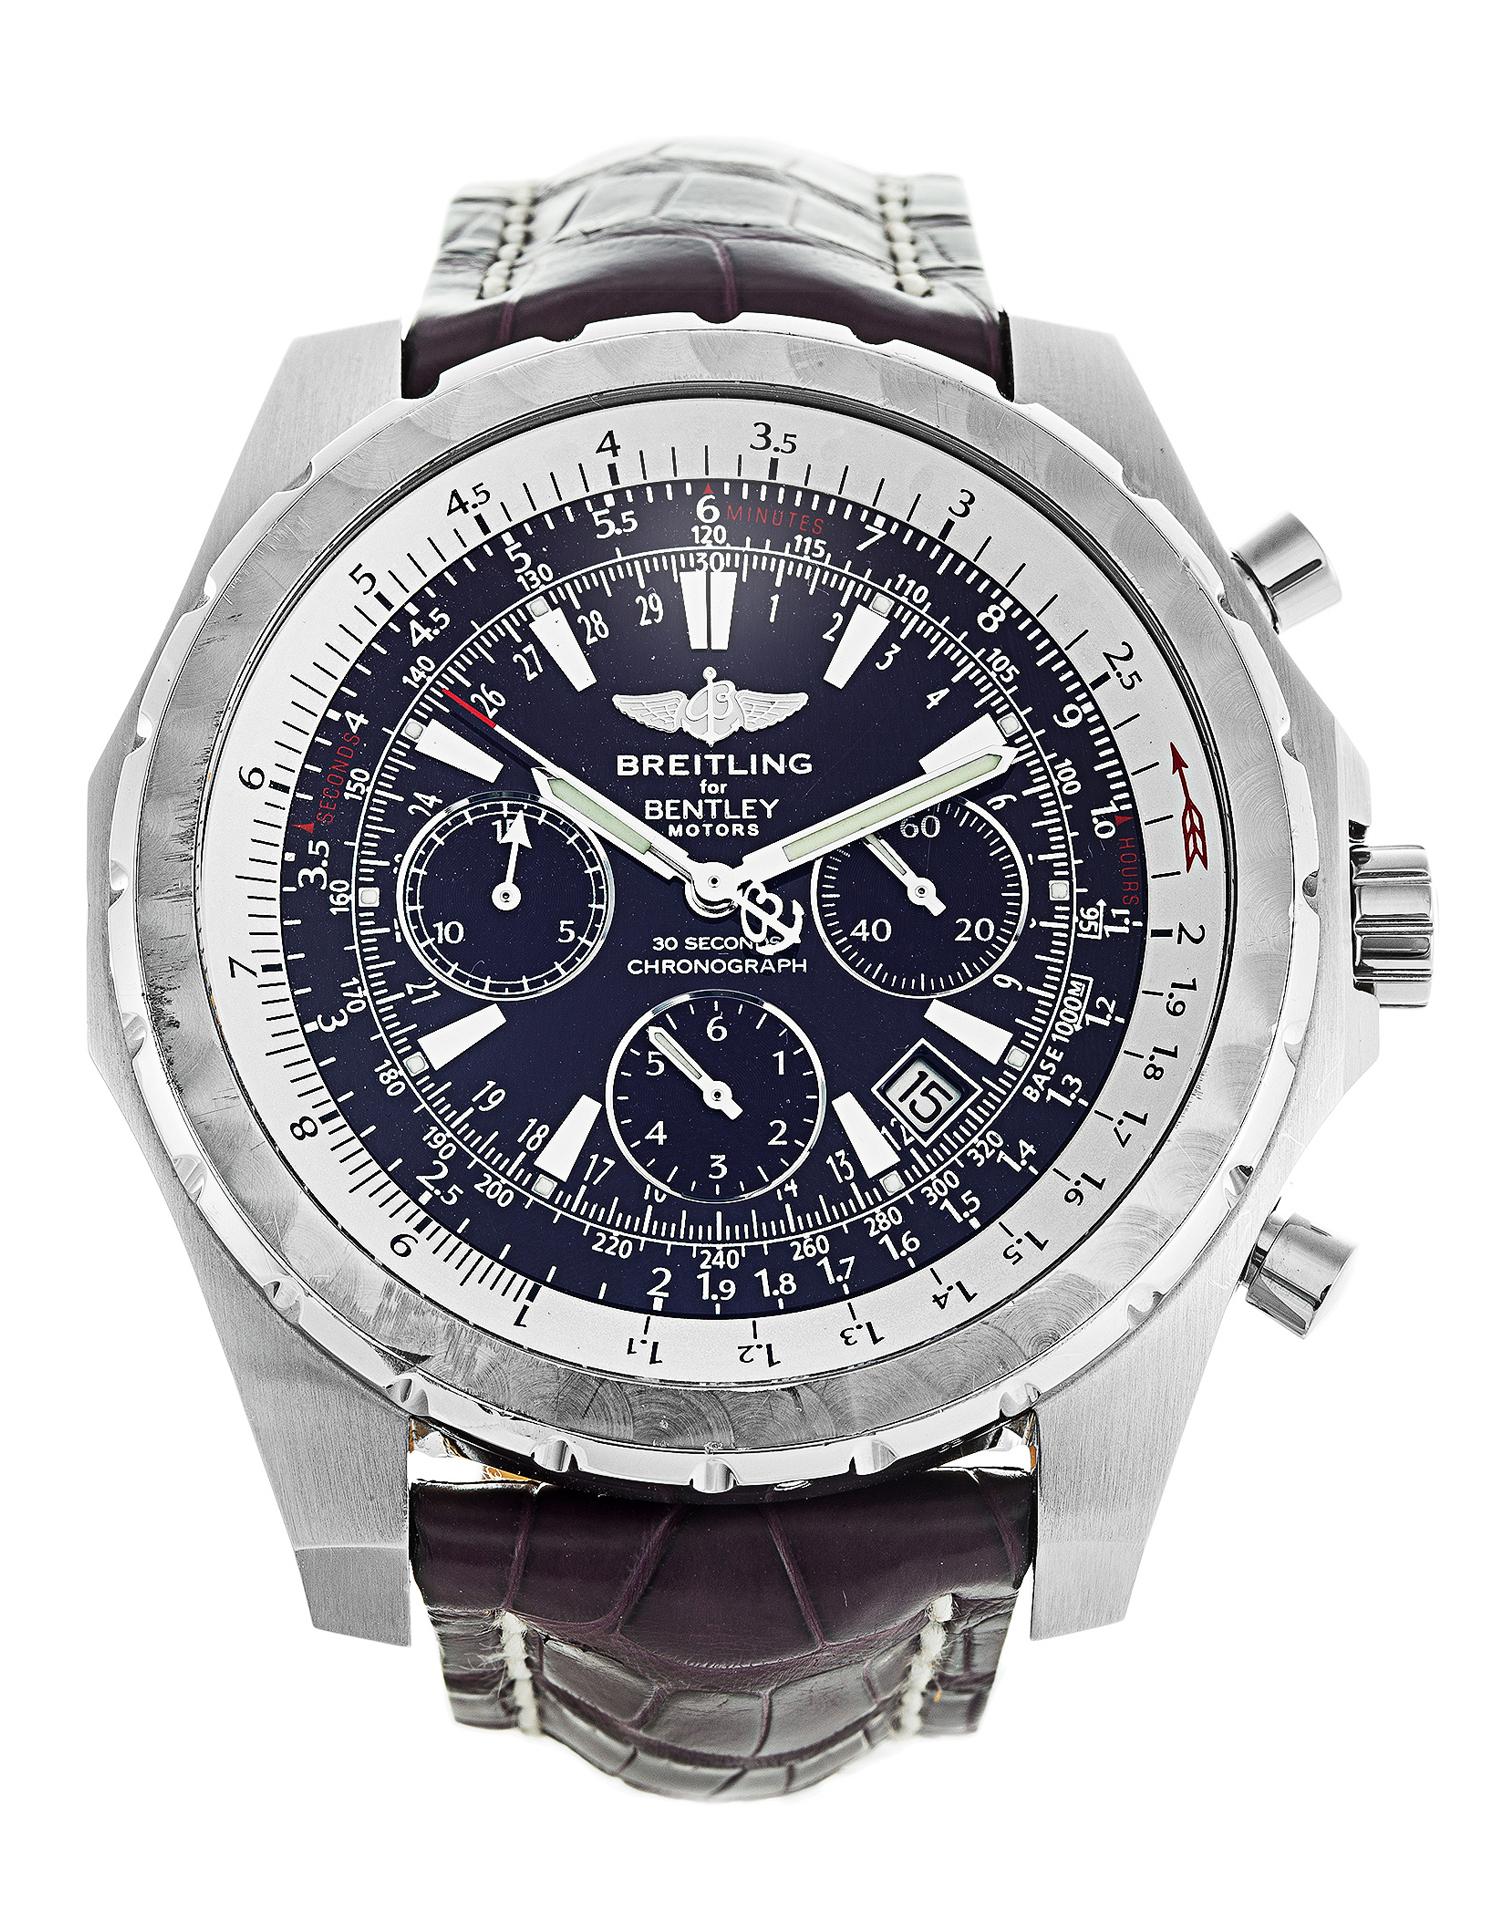 Timepeaks - это безопасная платформа для продажи и покупки люксовых часов.